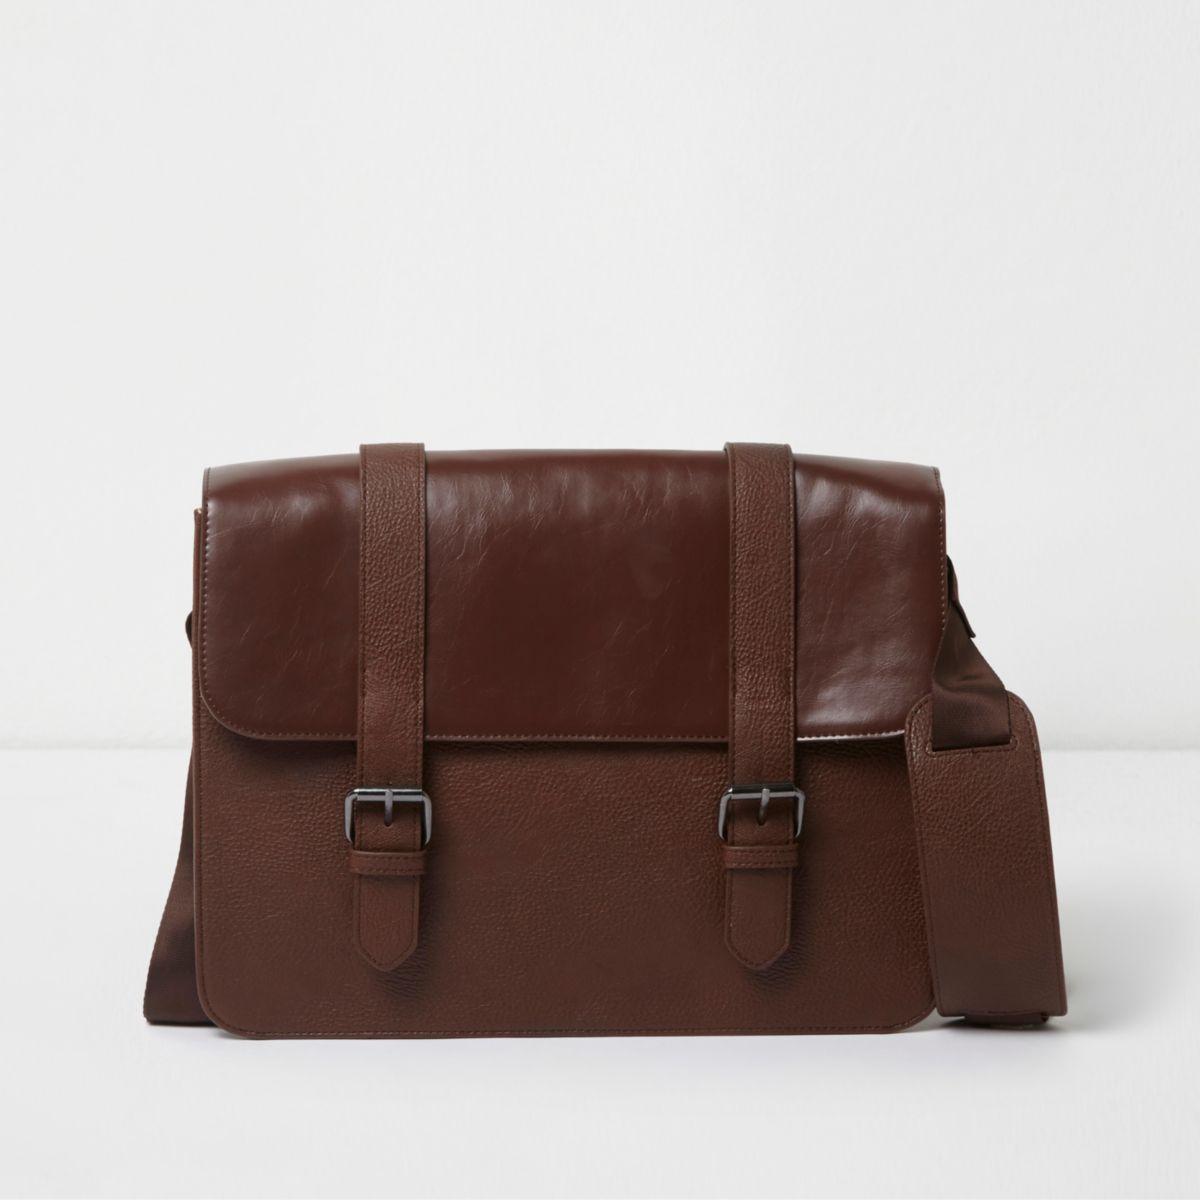 Tan brown cross body satchel bag